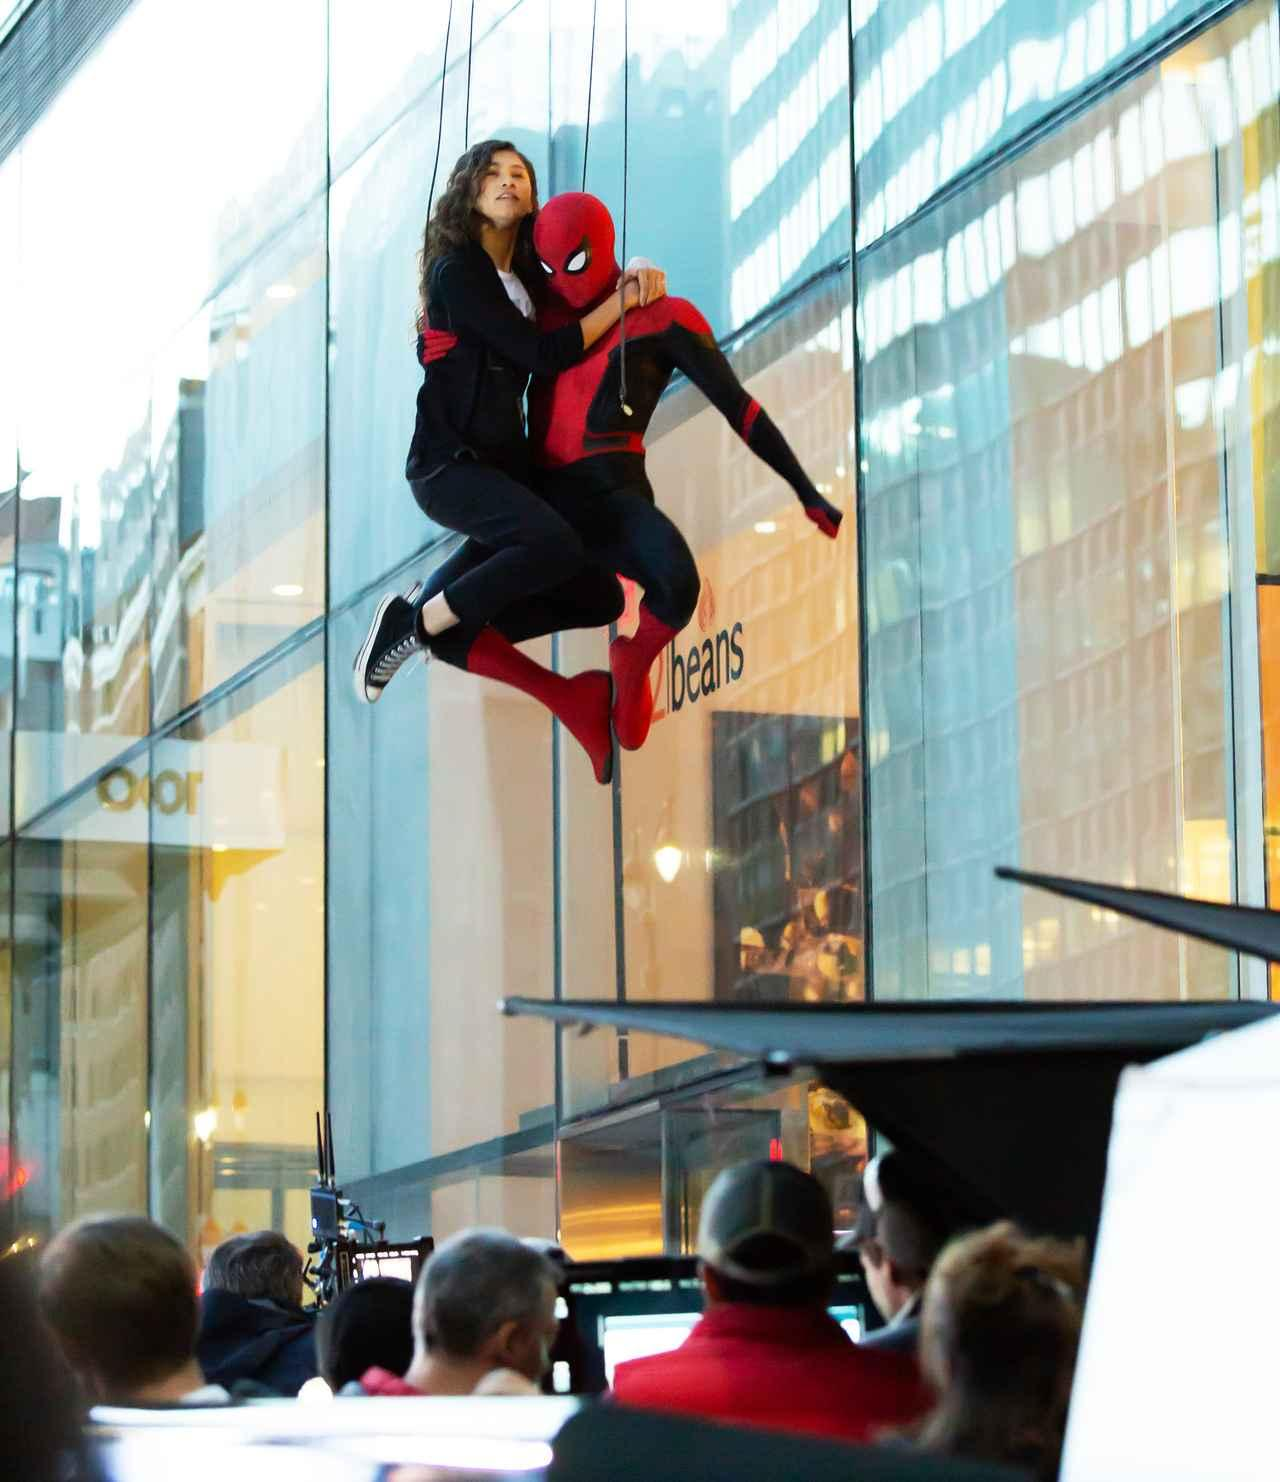 画像4: 『スパイダーマン』撮影中にゼンデイヤがスパイダーマンにしがみつき空中を舞う